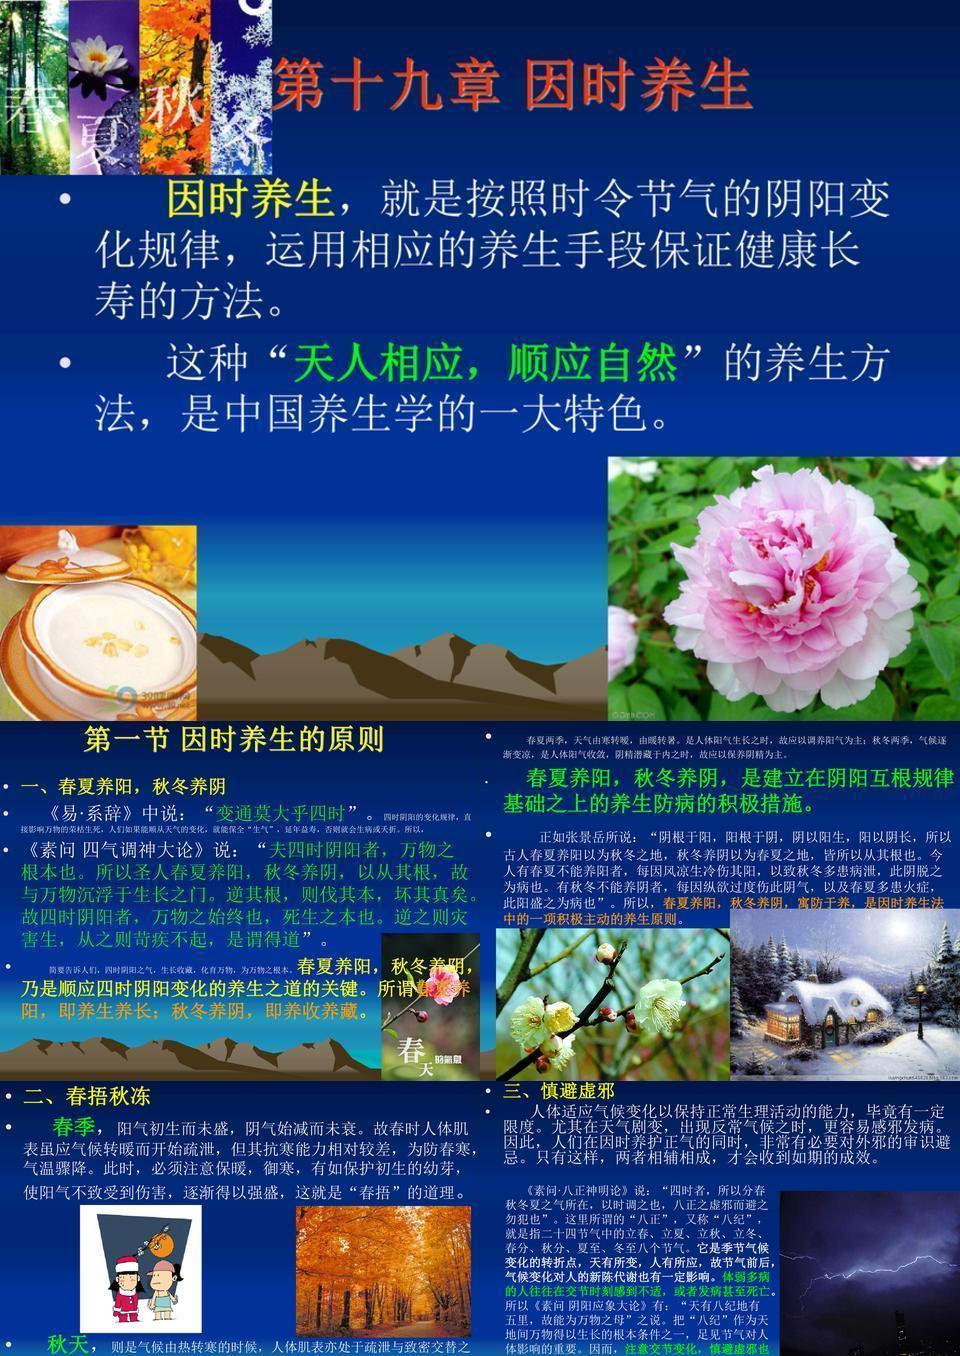 《中医养生术》3.4因时养生.ppt